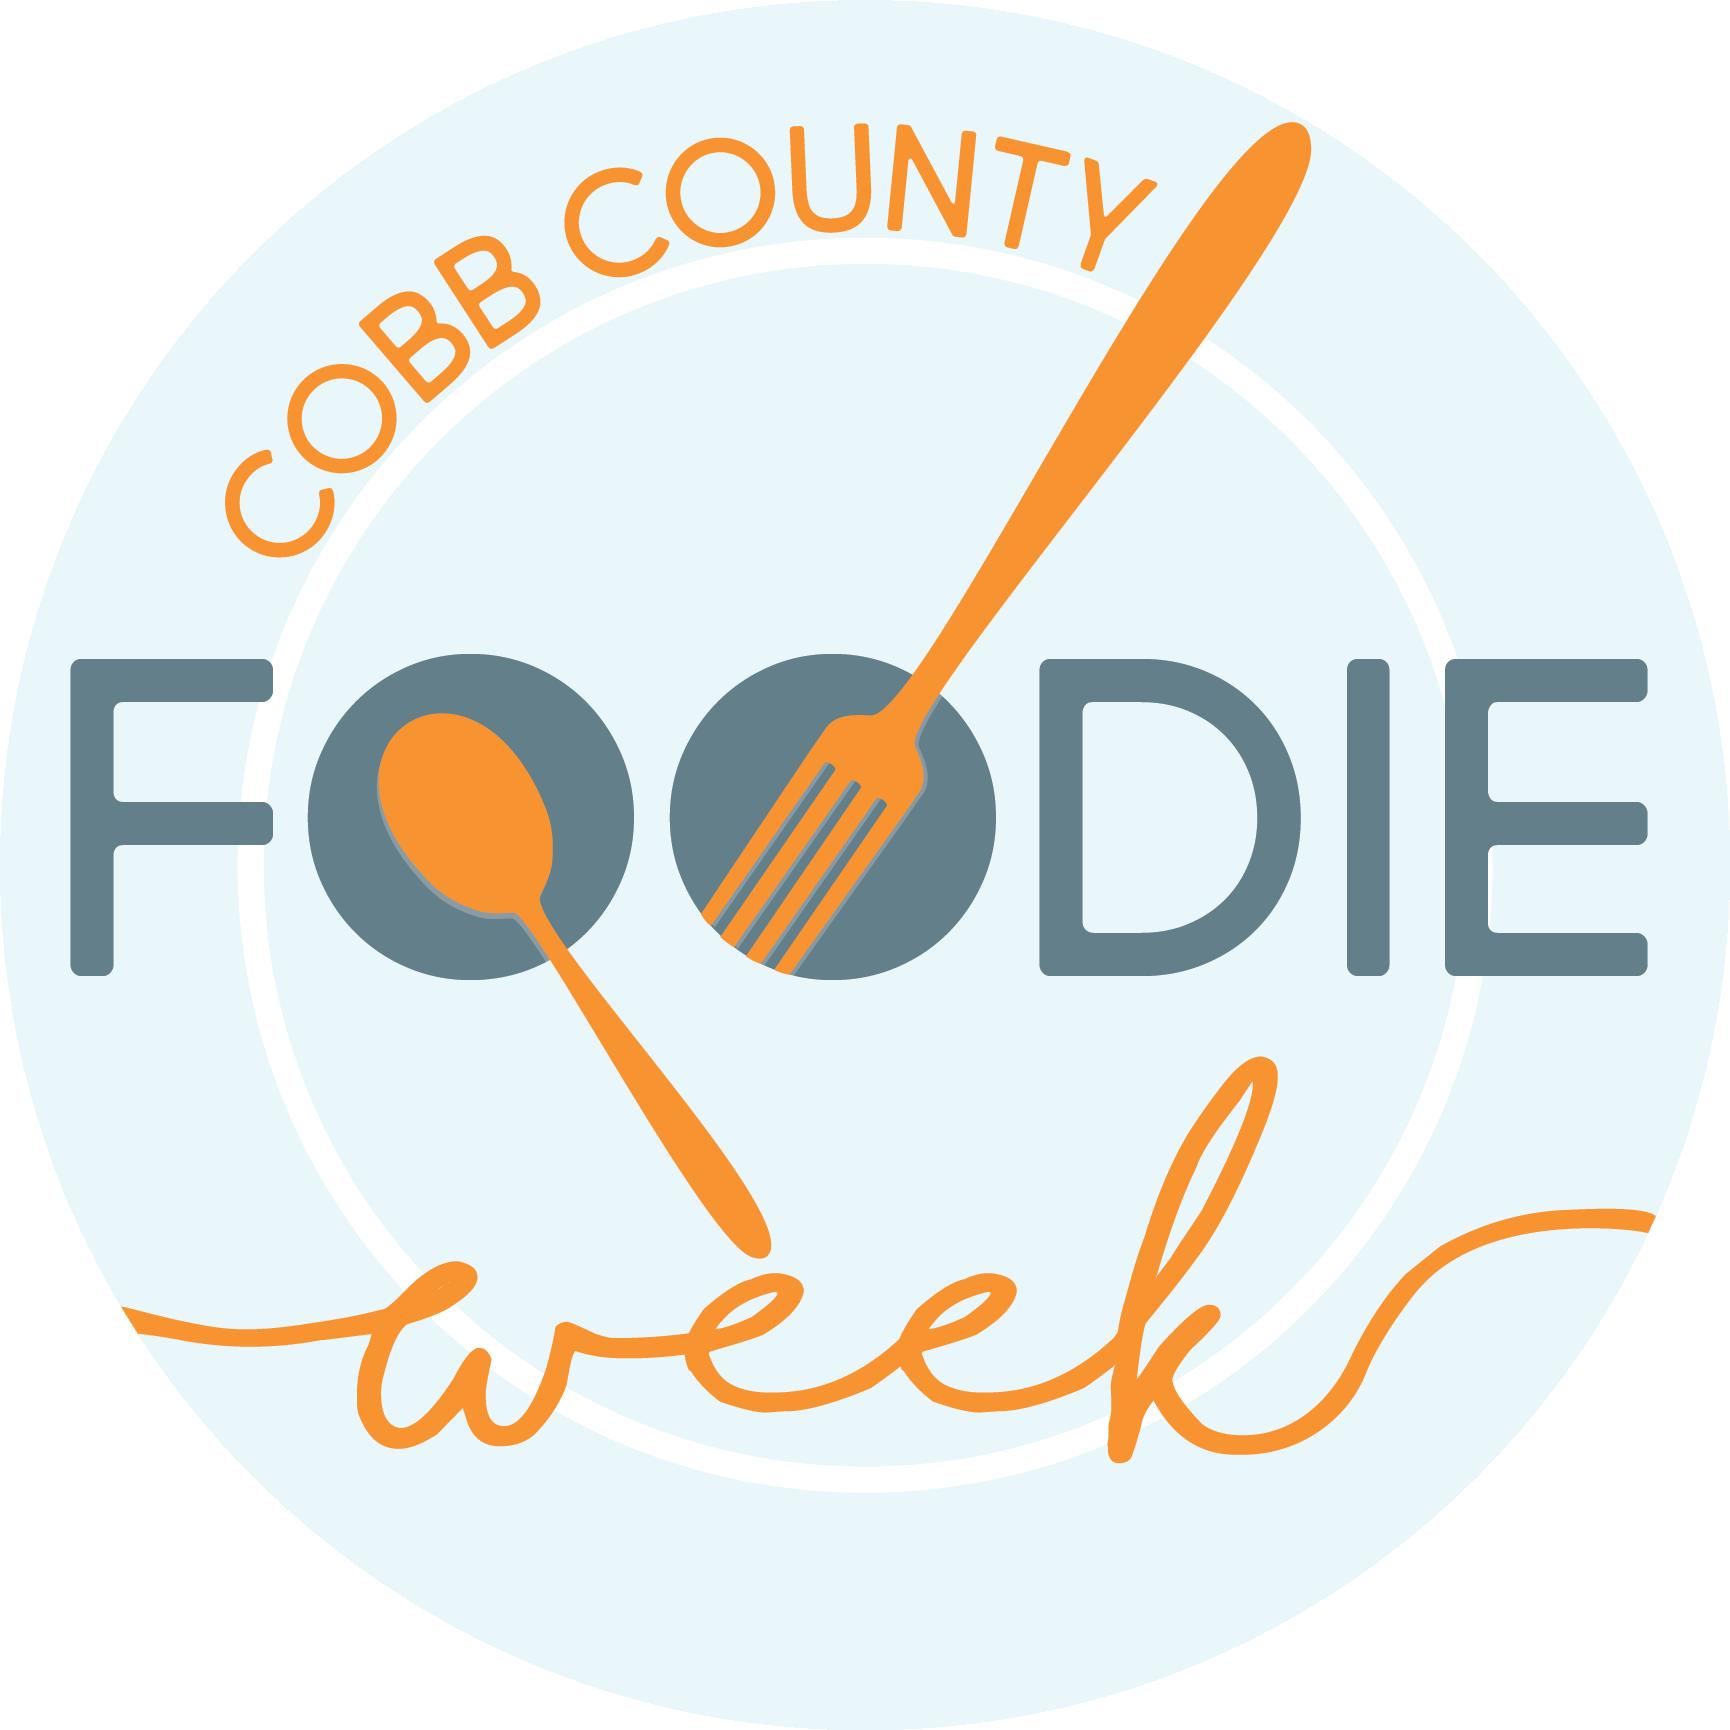 Cobb Foodie Week